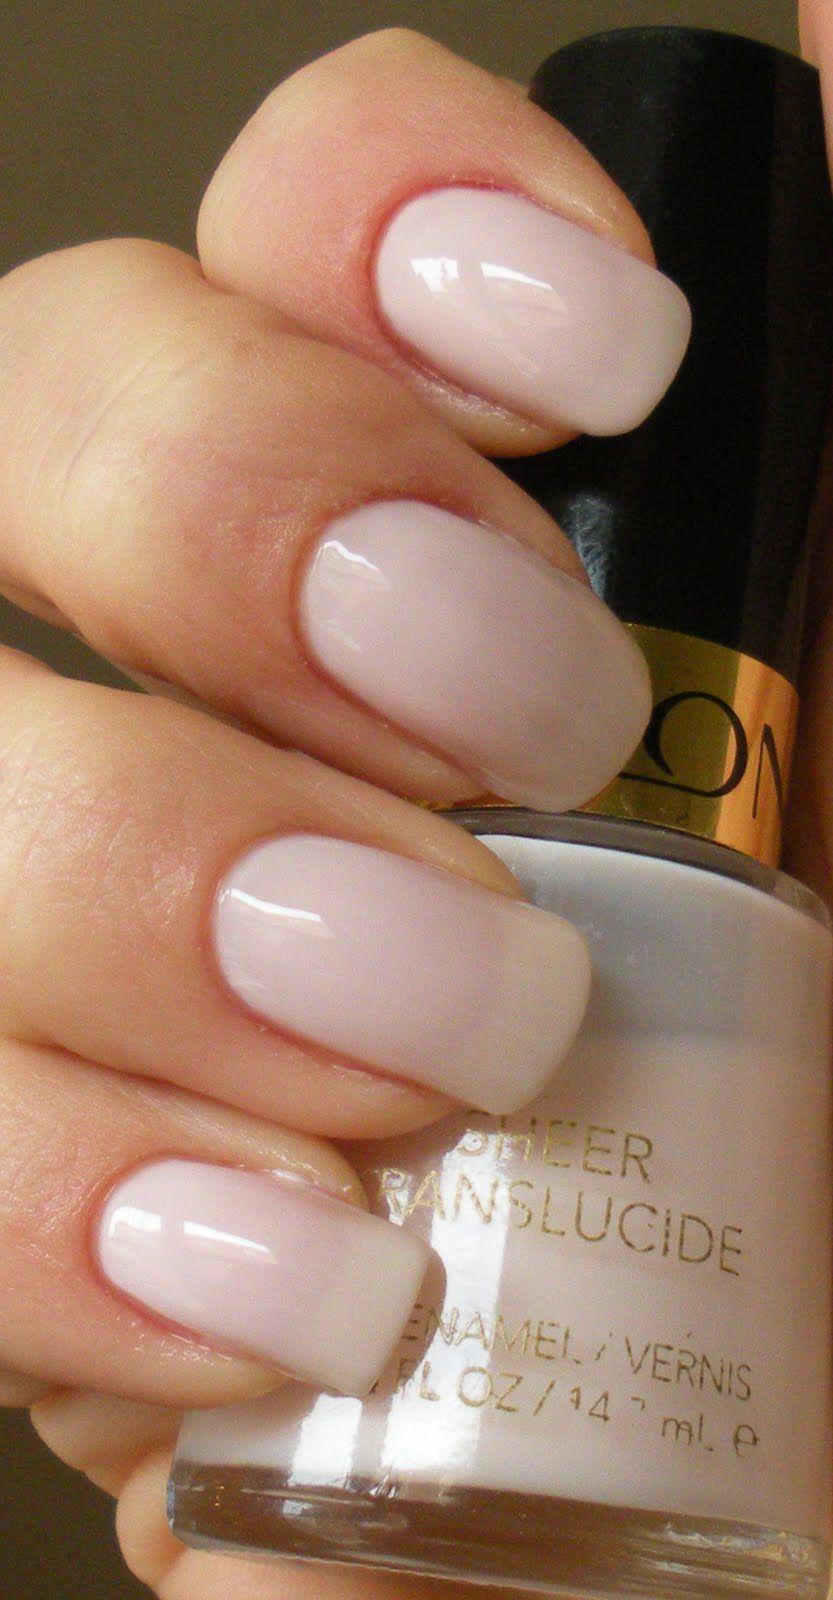 Fancy Sheer Nail Polish Revlon Image - Nail Art Ideas - morihati.com